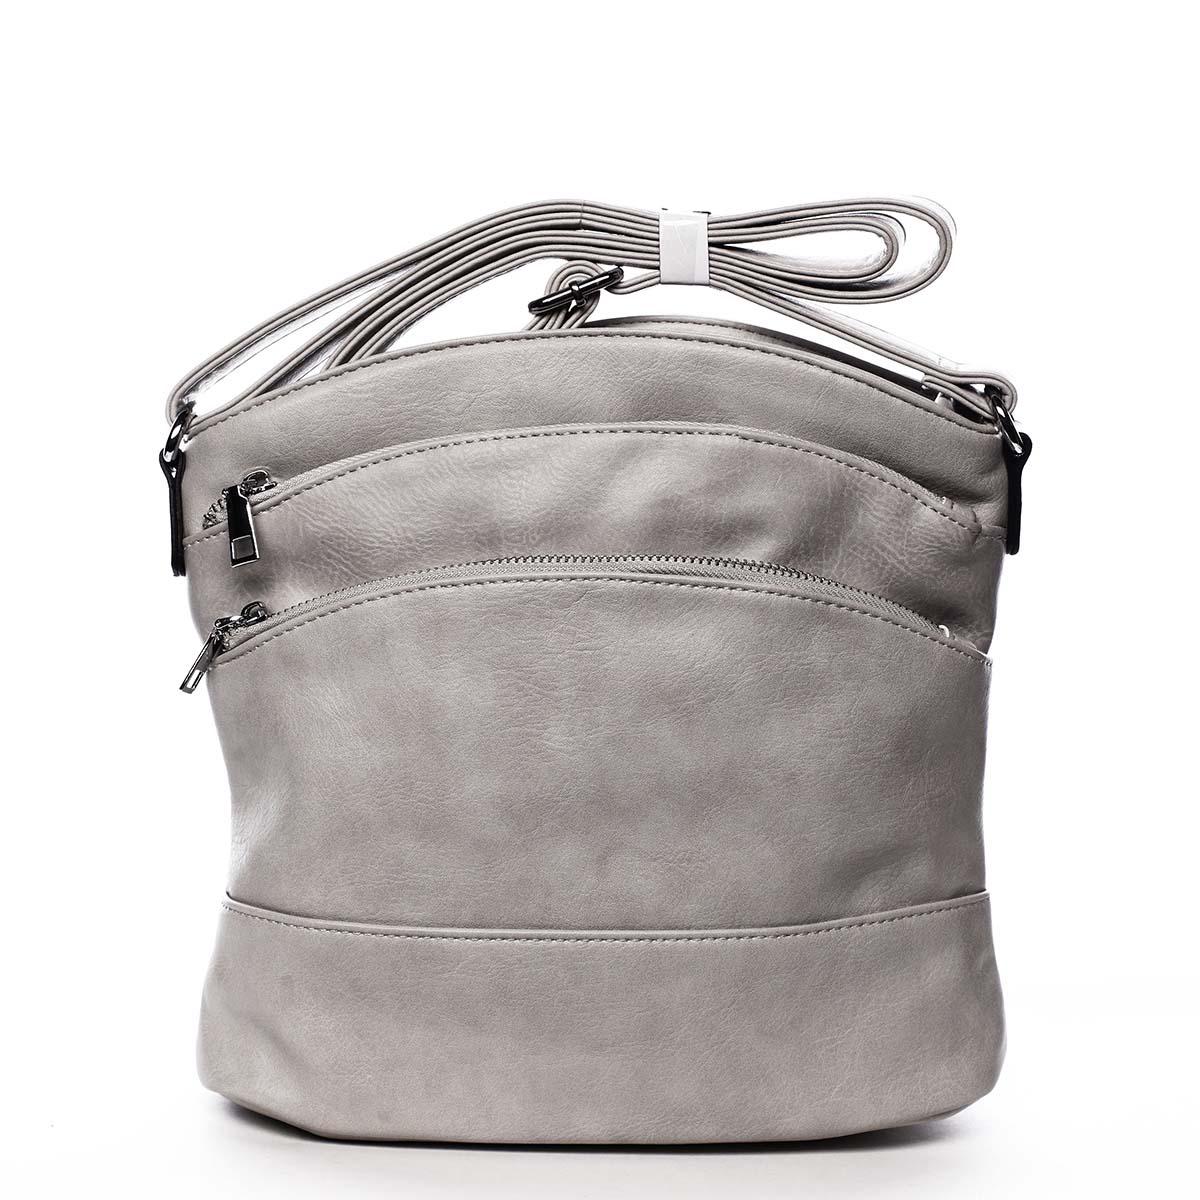 Dámská crossbody kabelka světle šedá - Romina Eufanity